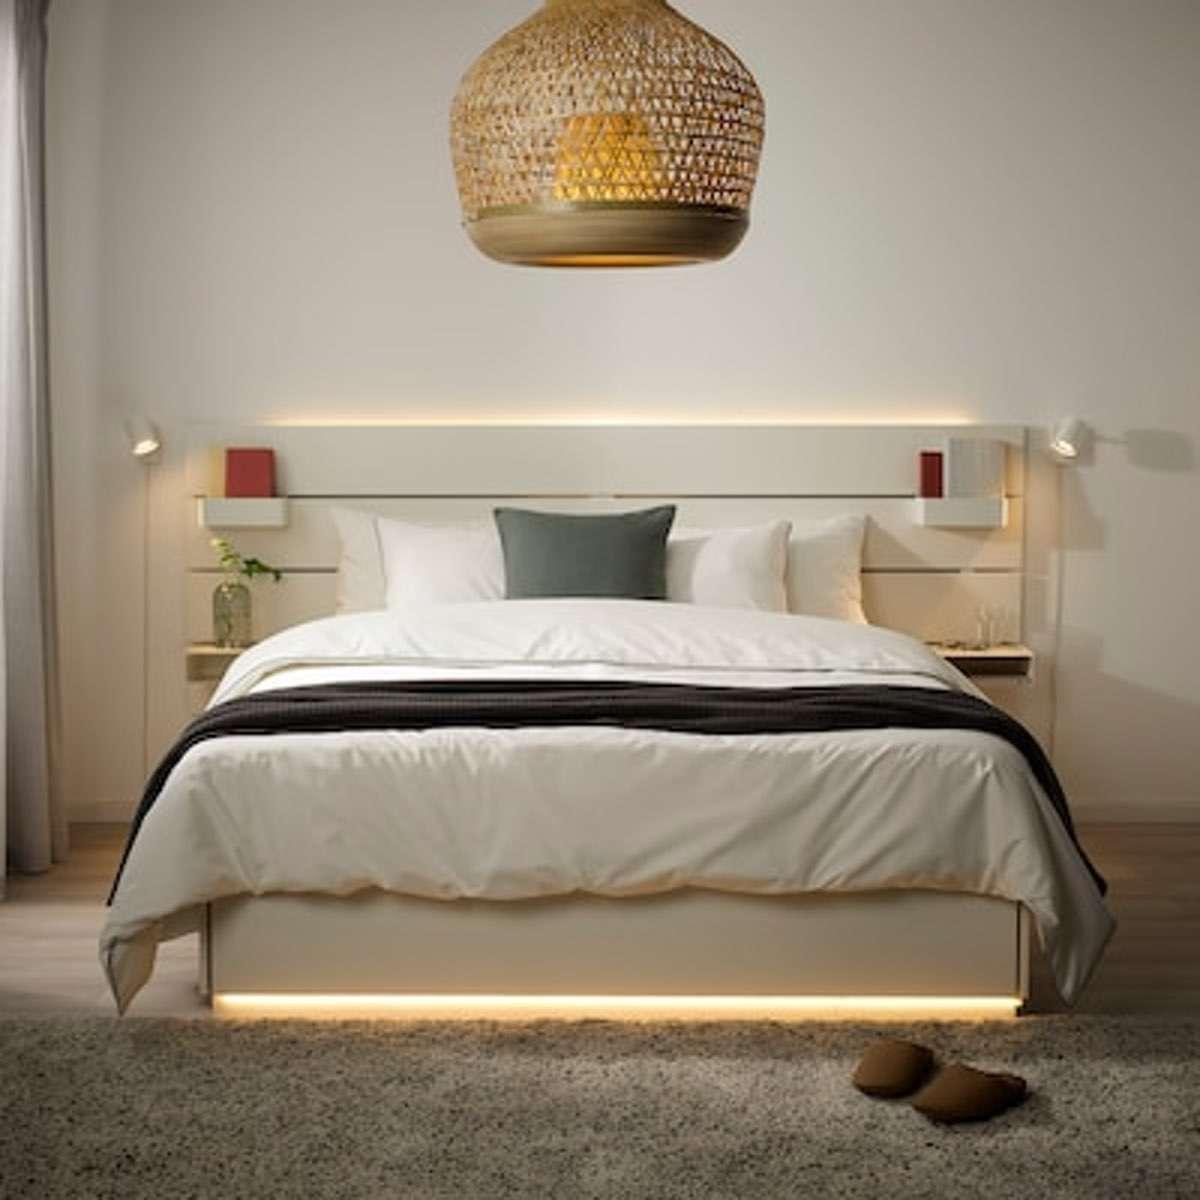 Unterboden Beleuchtung am Bett